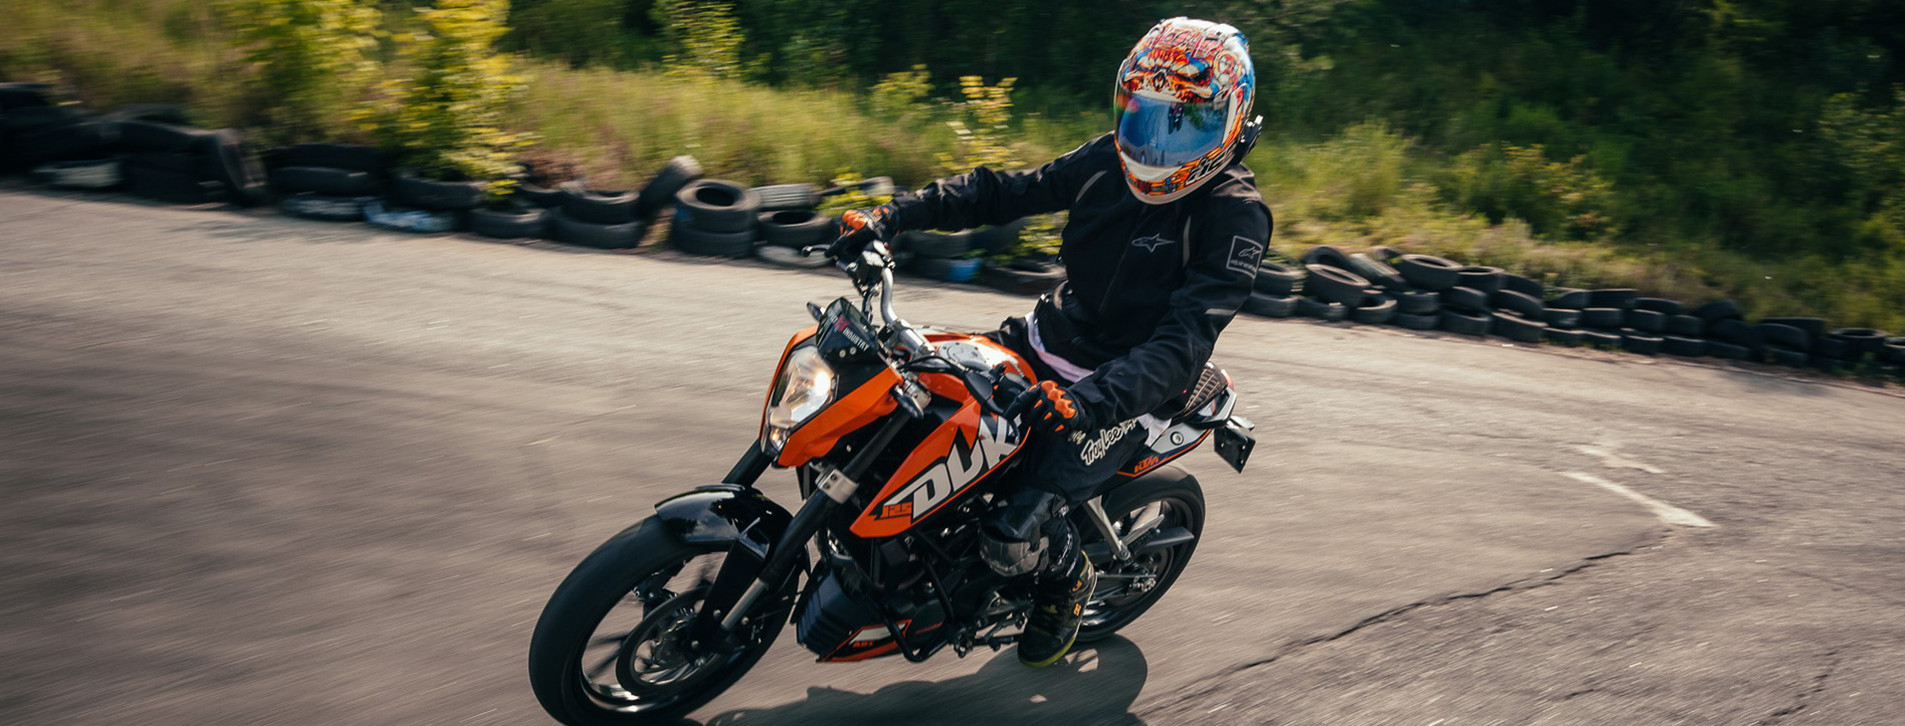 Фото 1 - Курс езды на мотоцикле